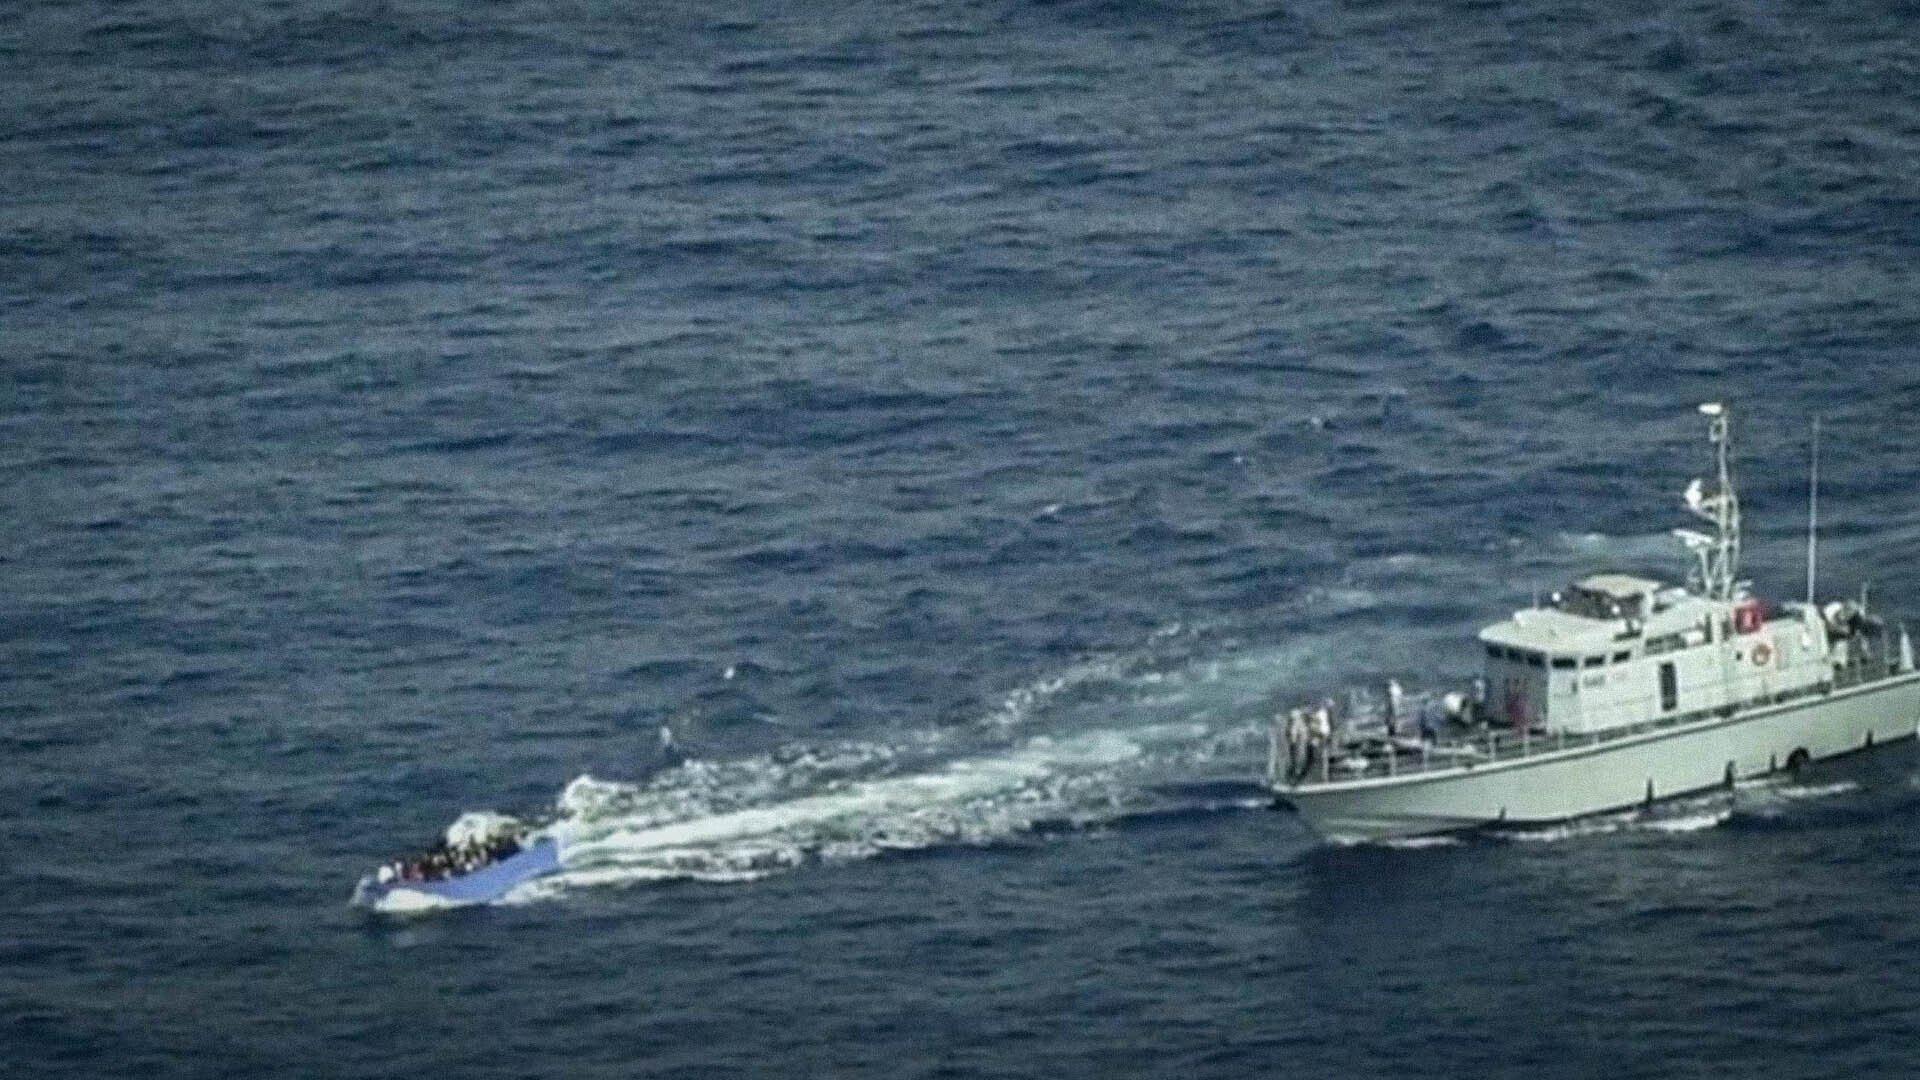 La guardia costiera libica ha usato una motovedetta donata dall